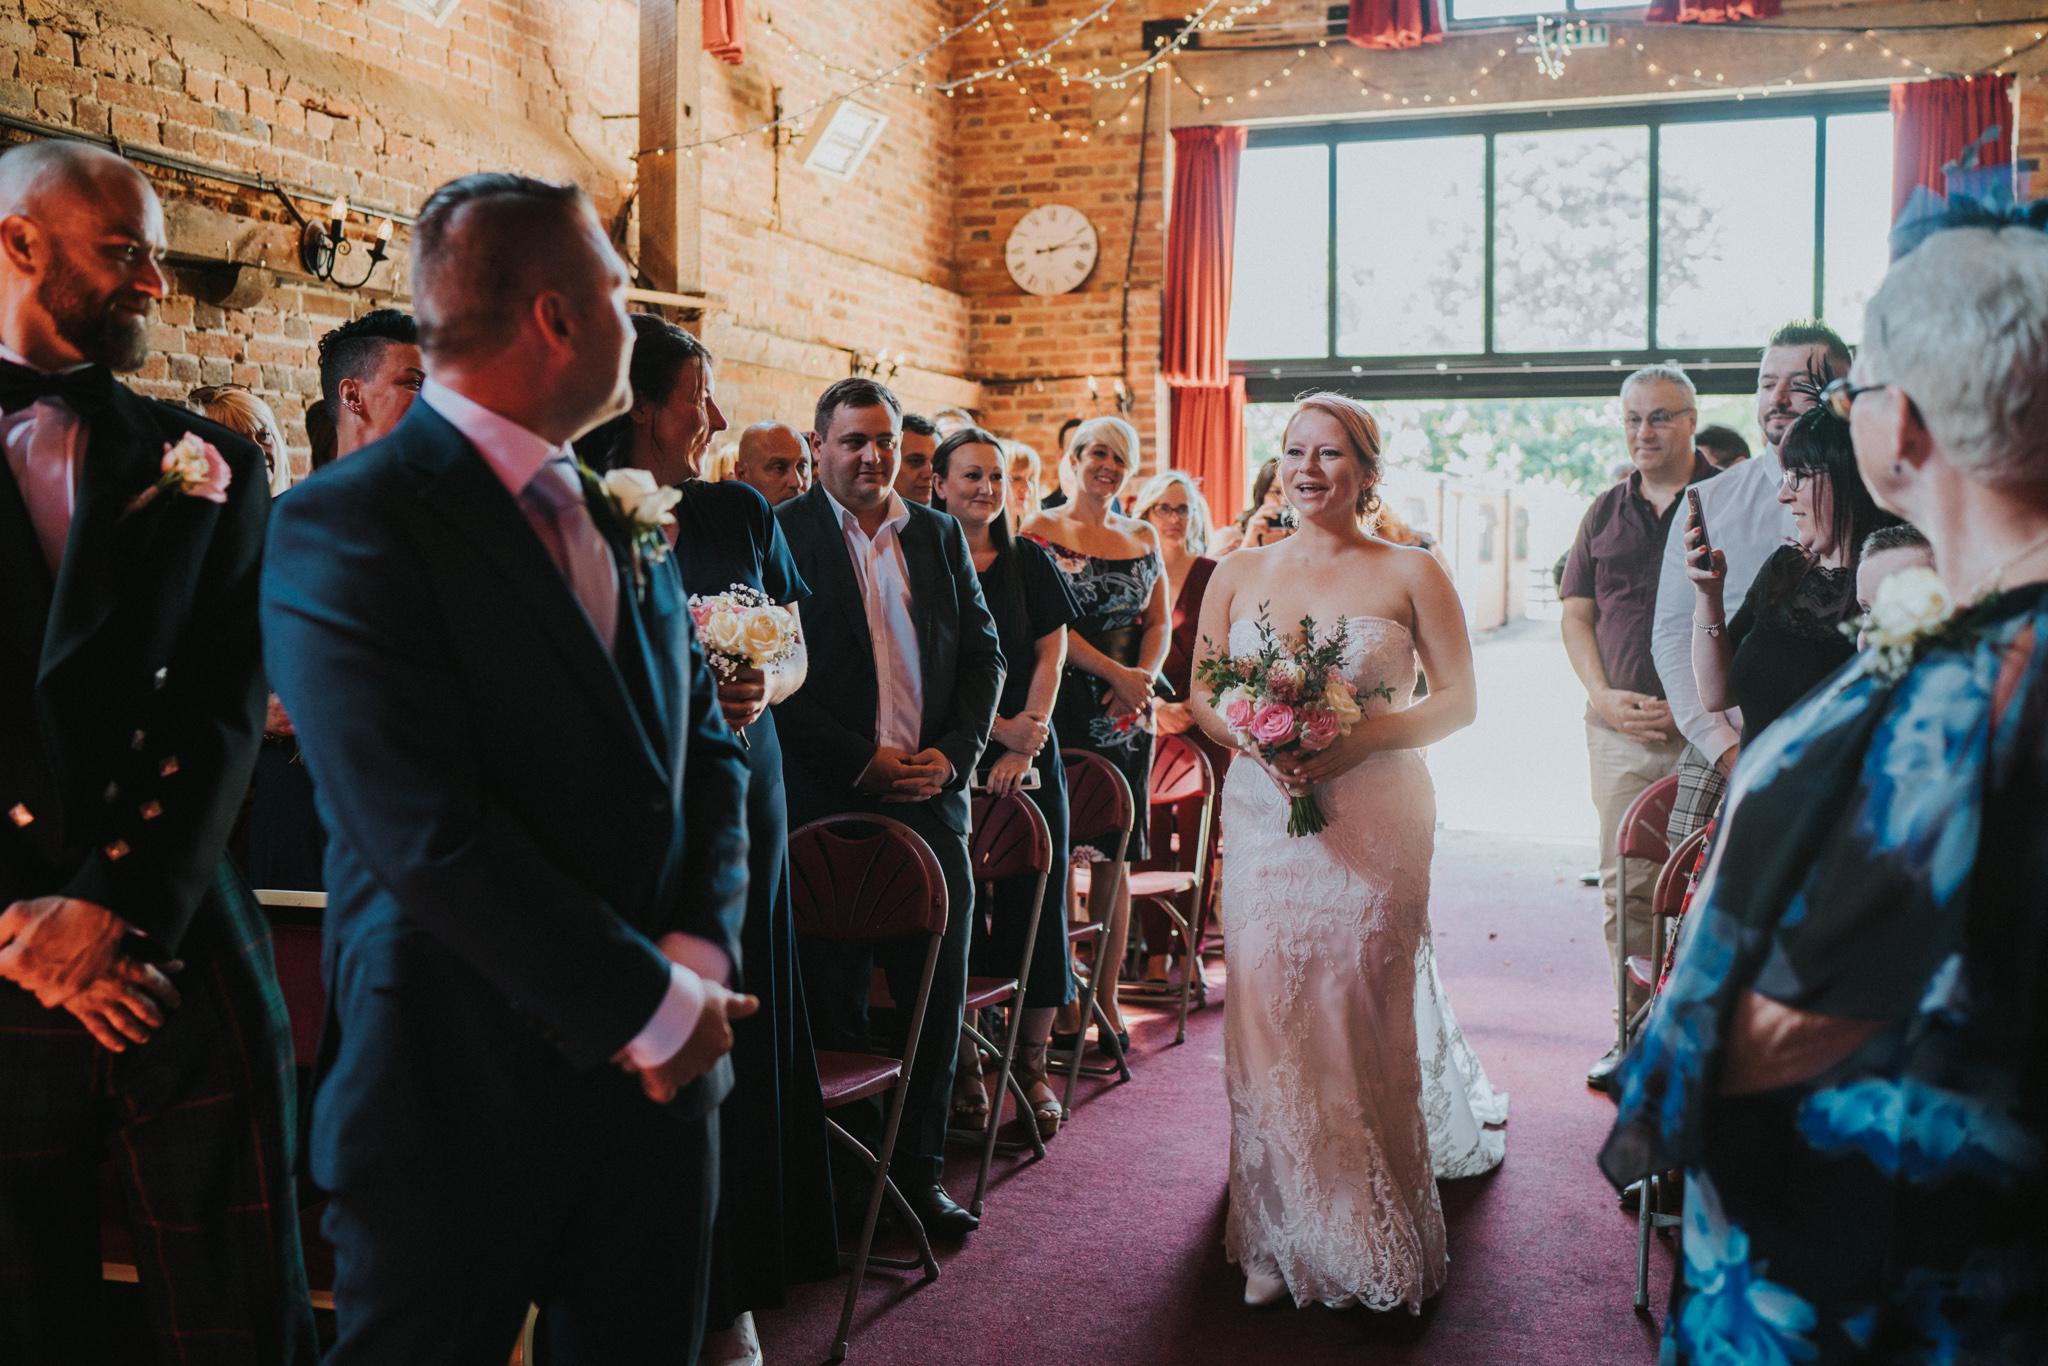 steph-neil-red-brick-barn-rochford-wedding-grace-elizabeth-colchester-essex-alternative-wedding-photographer-essex-suffolk-norfolk-devon (13 of 43).jpg